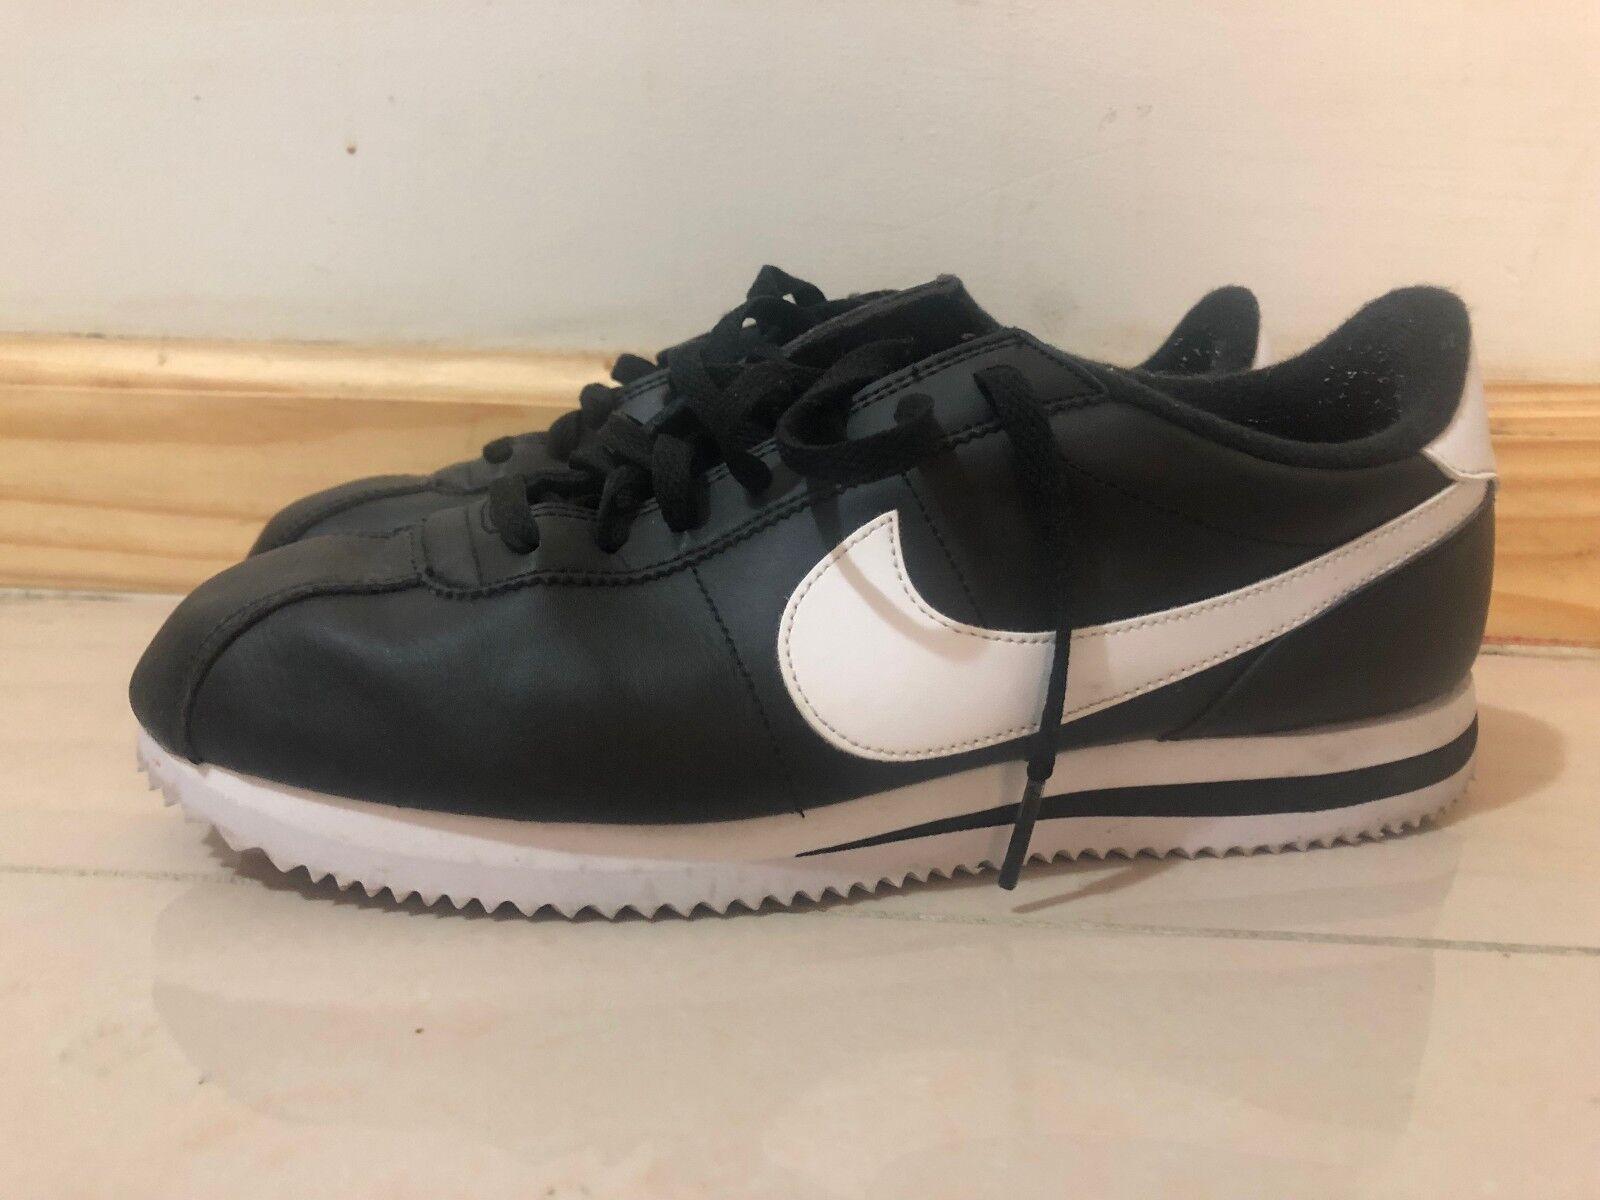 Nike cortez dimensioni in bianco e nero, nuovo di zecca